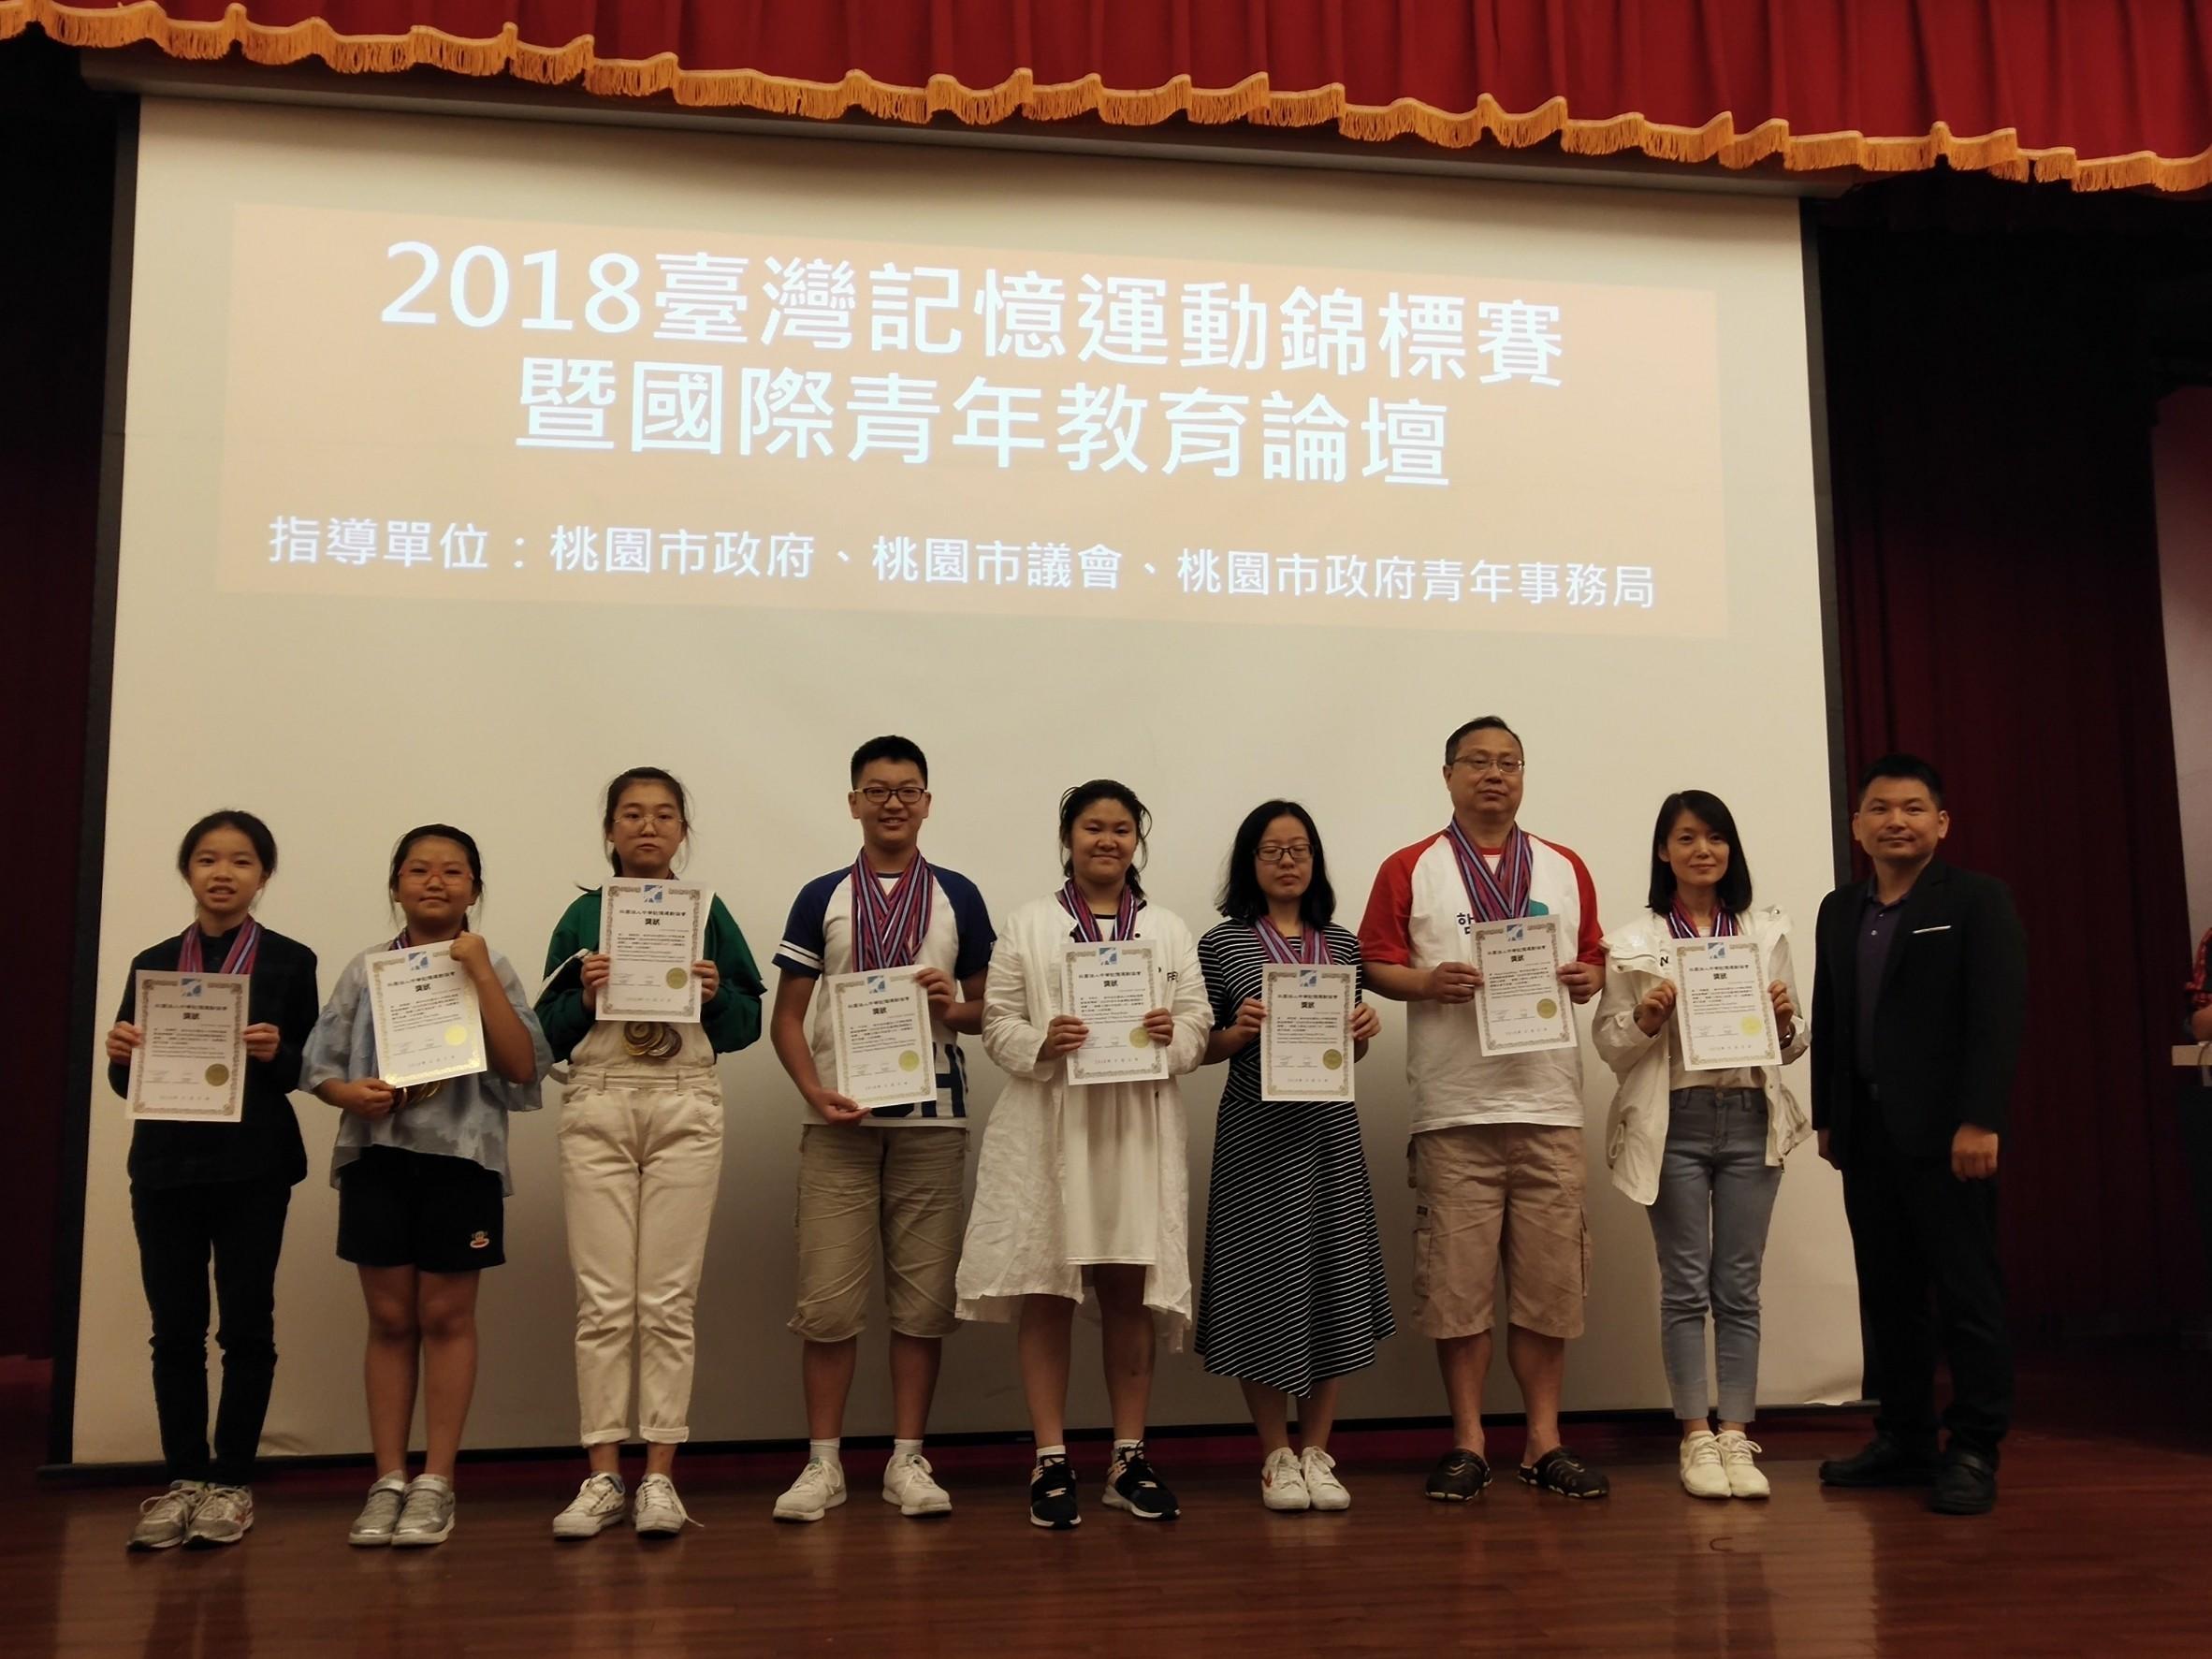 2018台灣記憶運動錦標賽_180911_0192